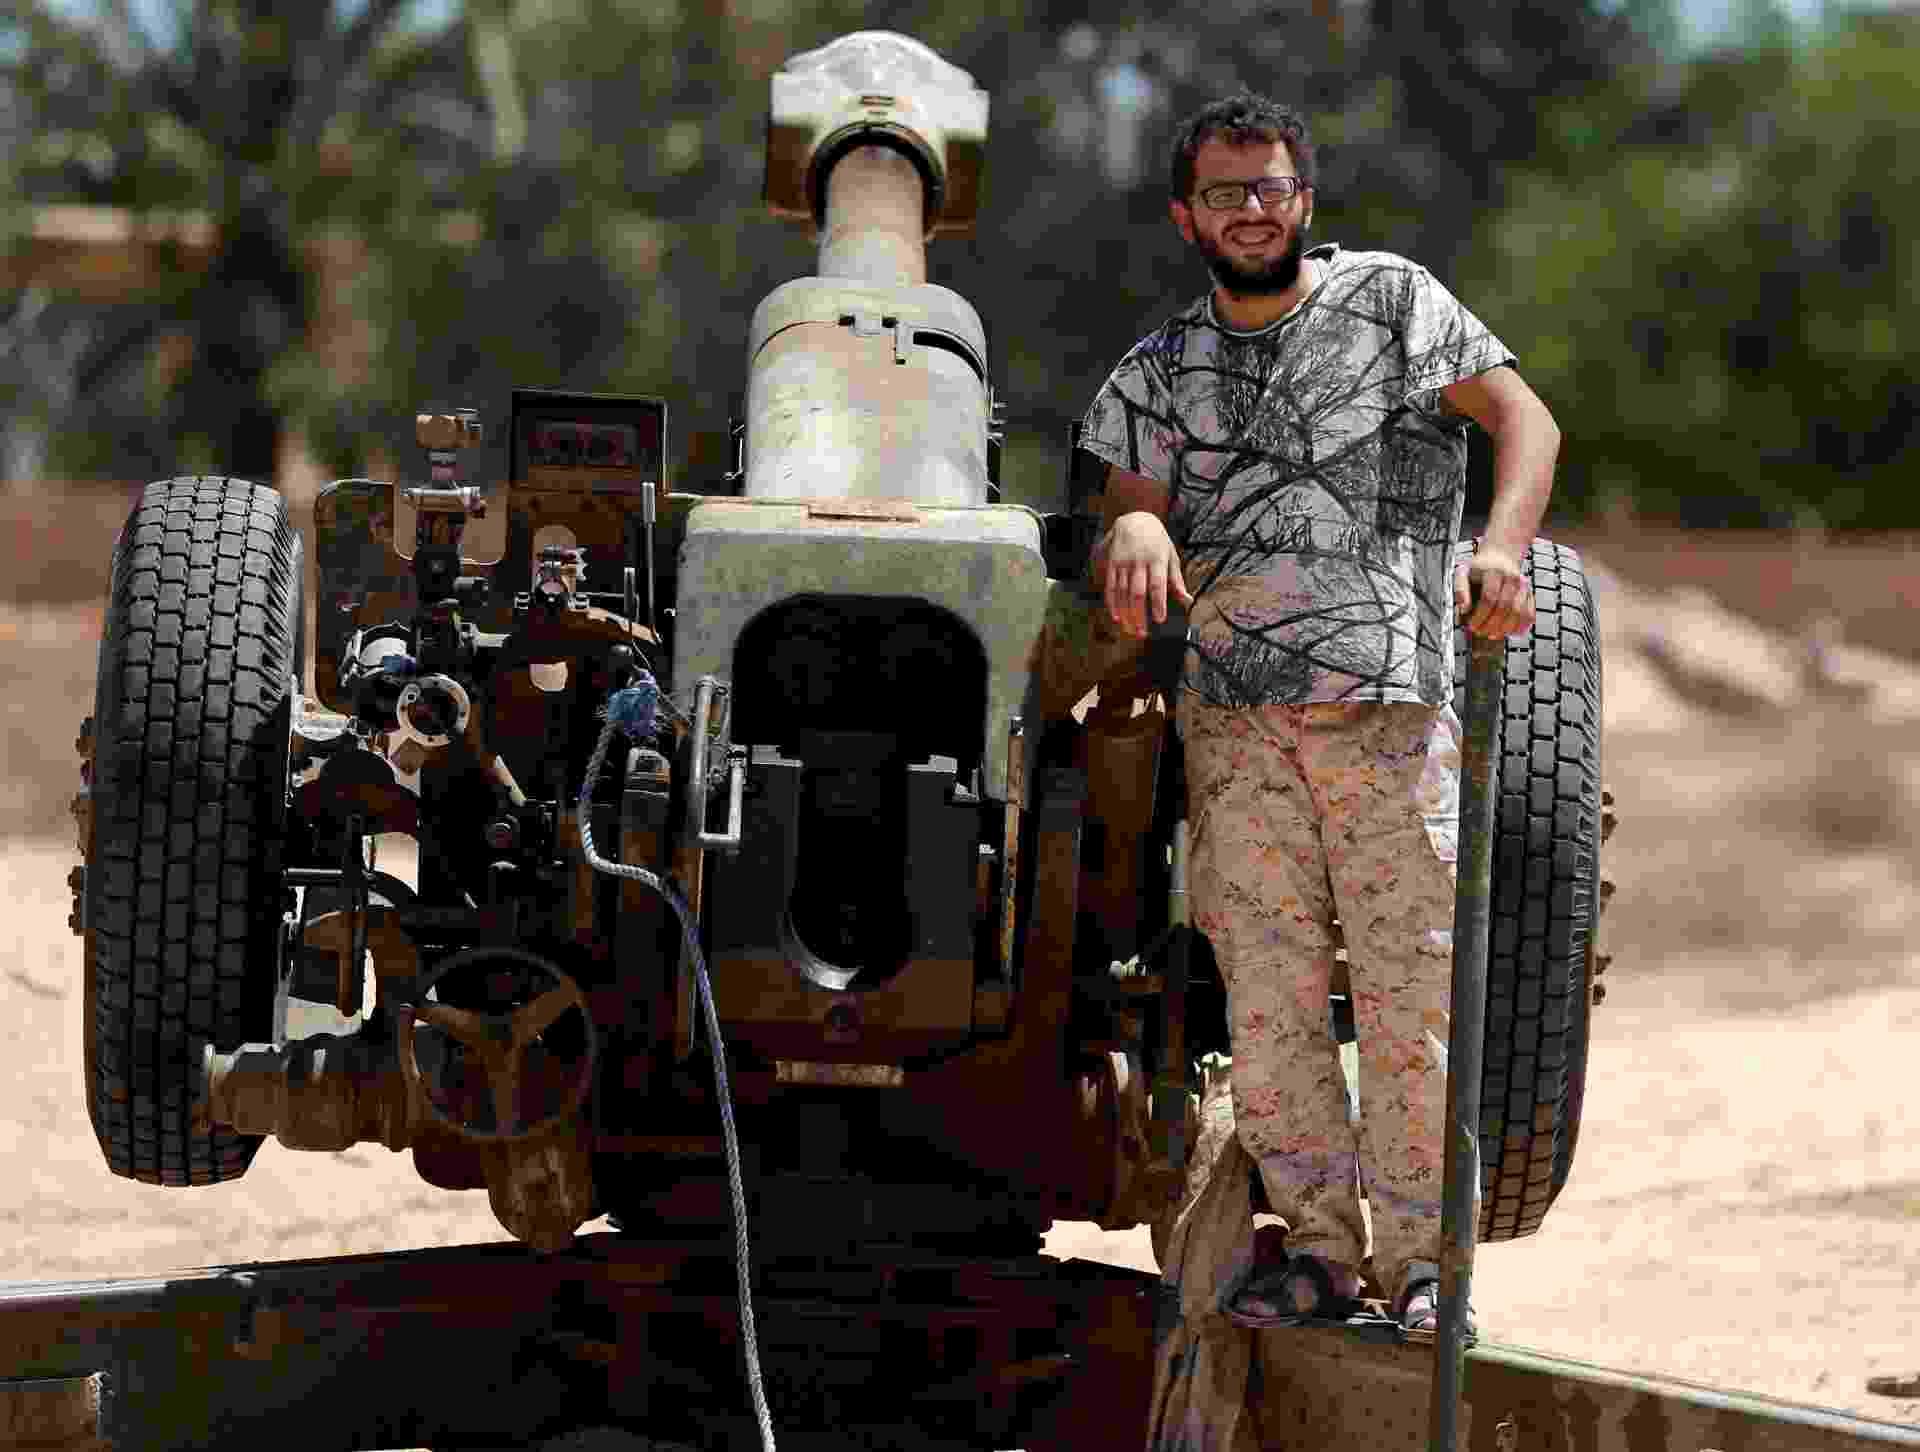 29.jul.2016 - Militares enfrentam grupo Estado Islâmico, na Líbia. A batalha teve início no começo de maio, e dezenas de atiradores treinados estão espalhados em pontos estratégicos para retomar o poder na cidade de Sirte. O bombardeiro já soma 25 mortos e mais de 200 feridos - Goran Tomasevic/Reuters